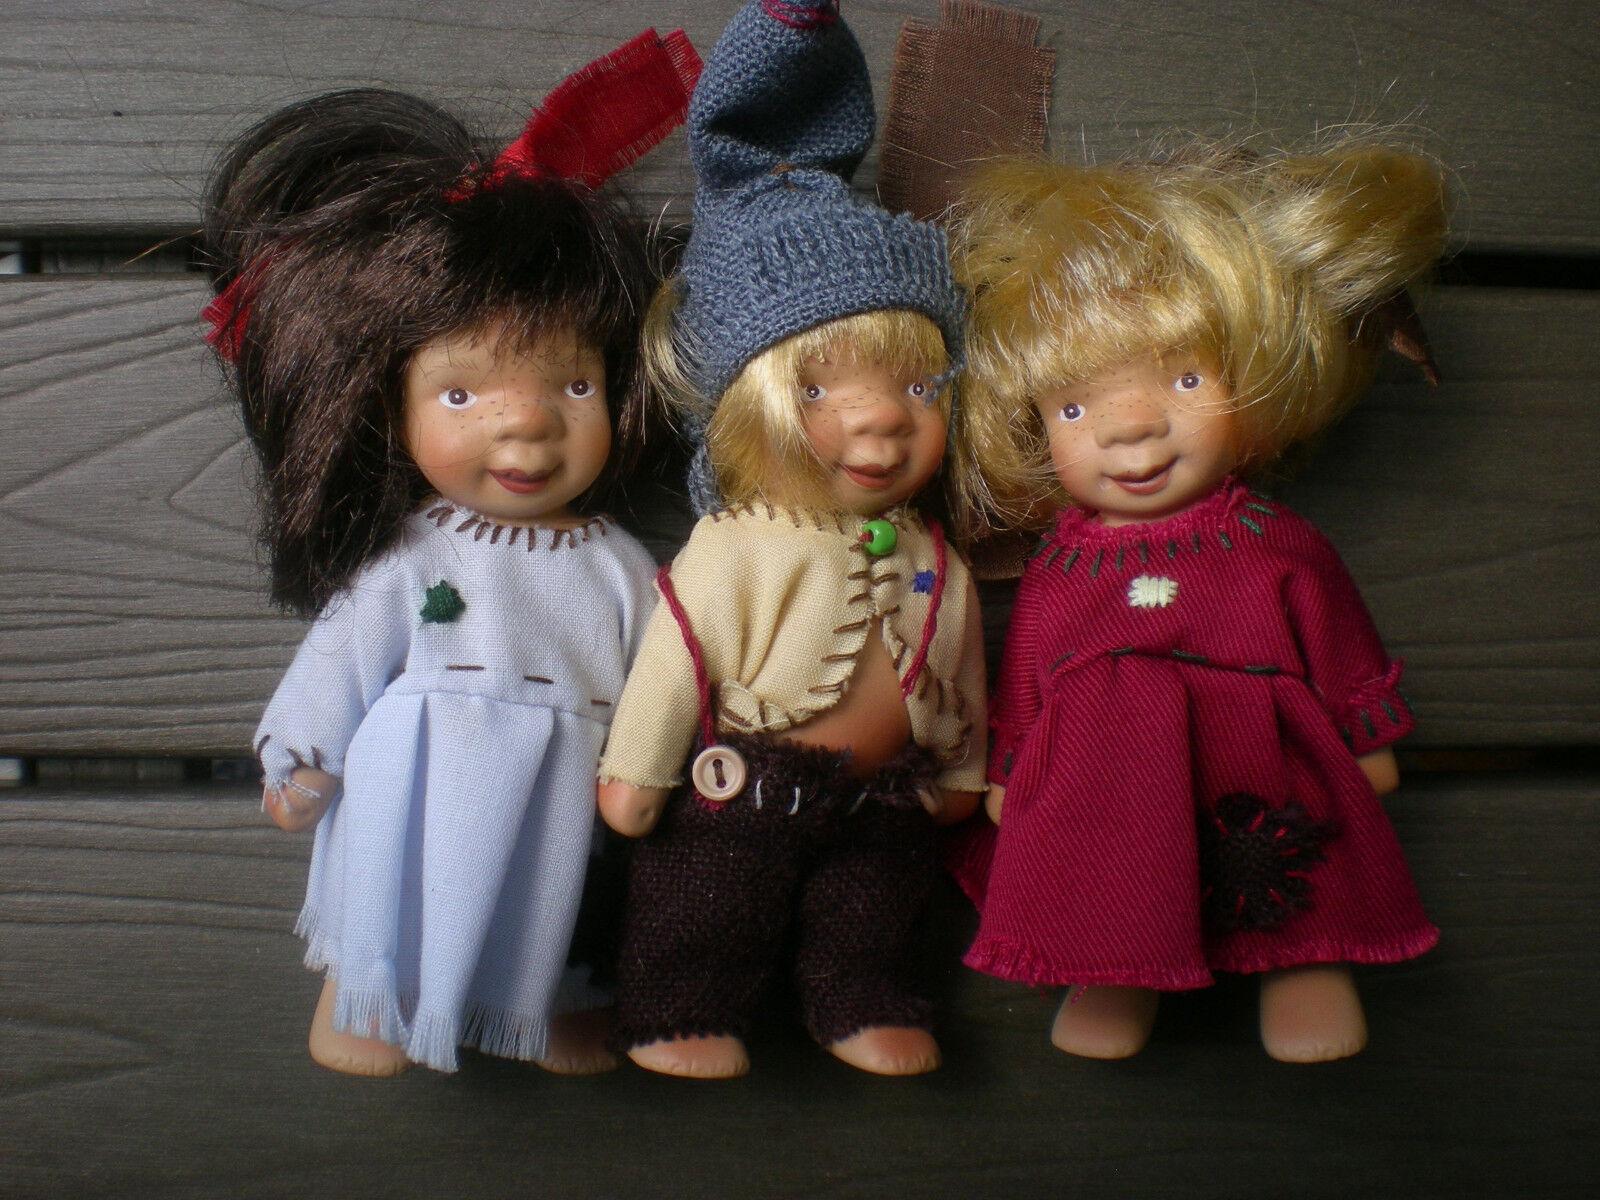 Götz Puppe 3 Künstlerpuppen von Susi Eimer Eimer Eimer 1999 Troll 10 cm Porzellan Doll 643fe2